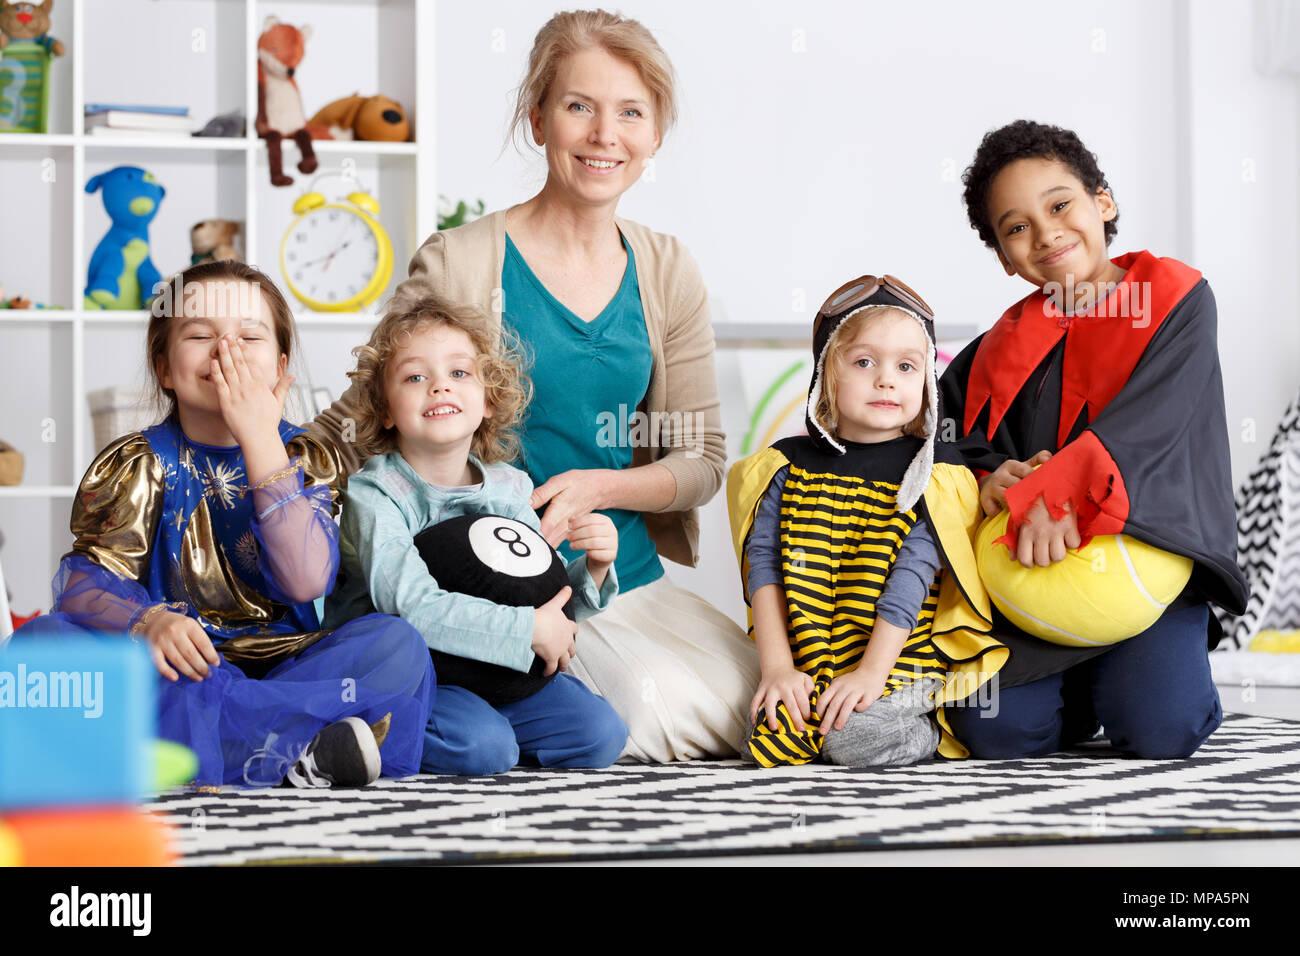 Les enfants d'âge préscolaire de la maternelle group vêtus de costumes colorés Photo Stock